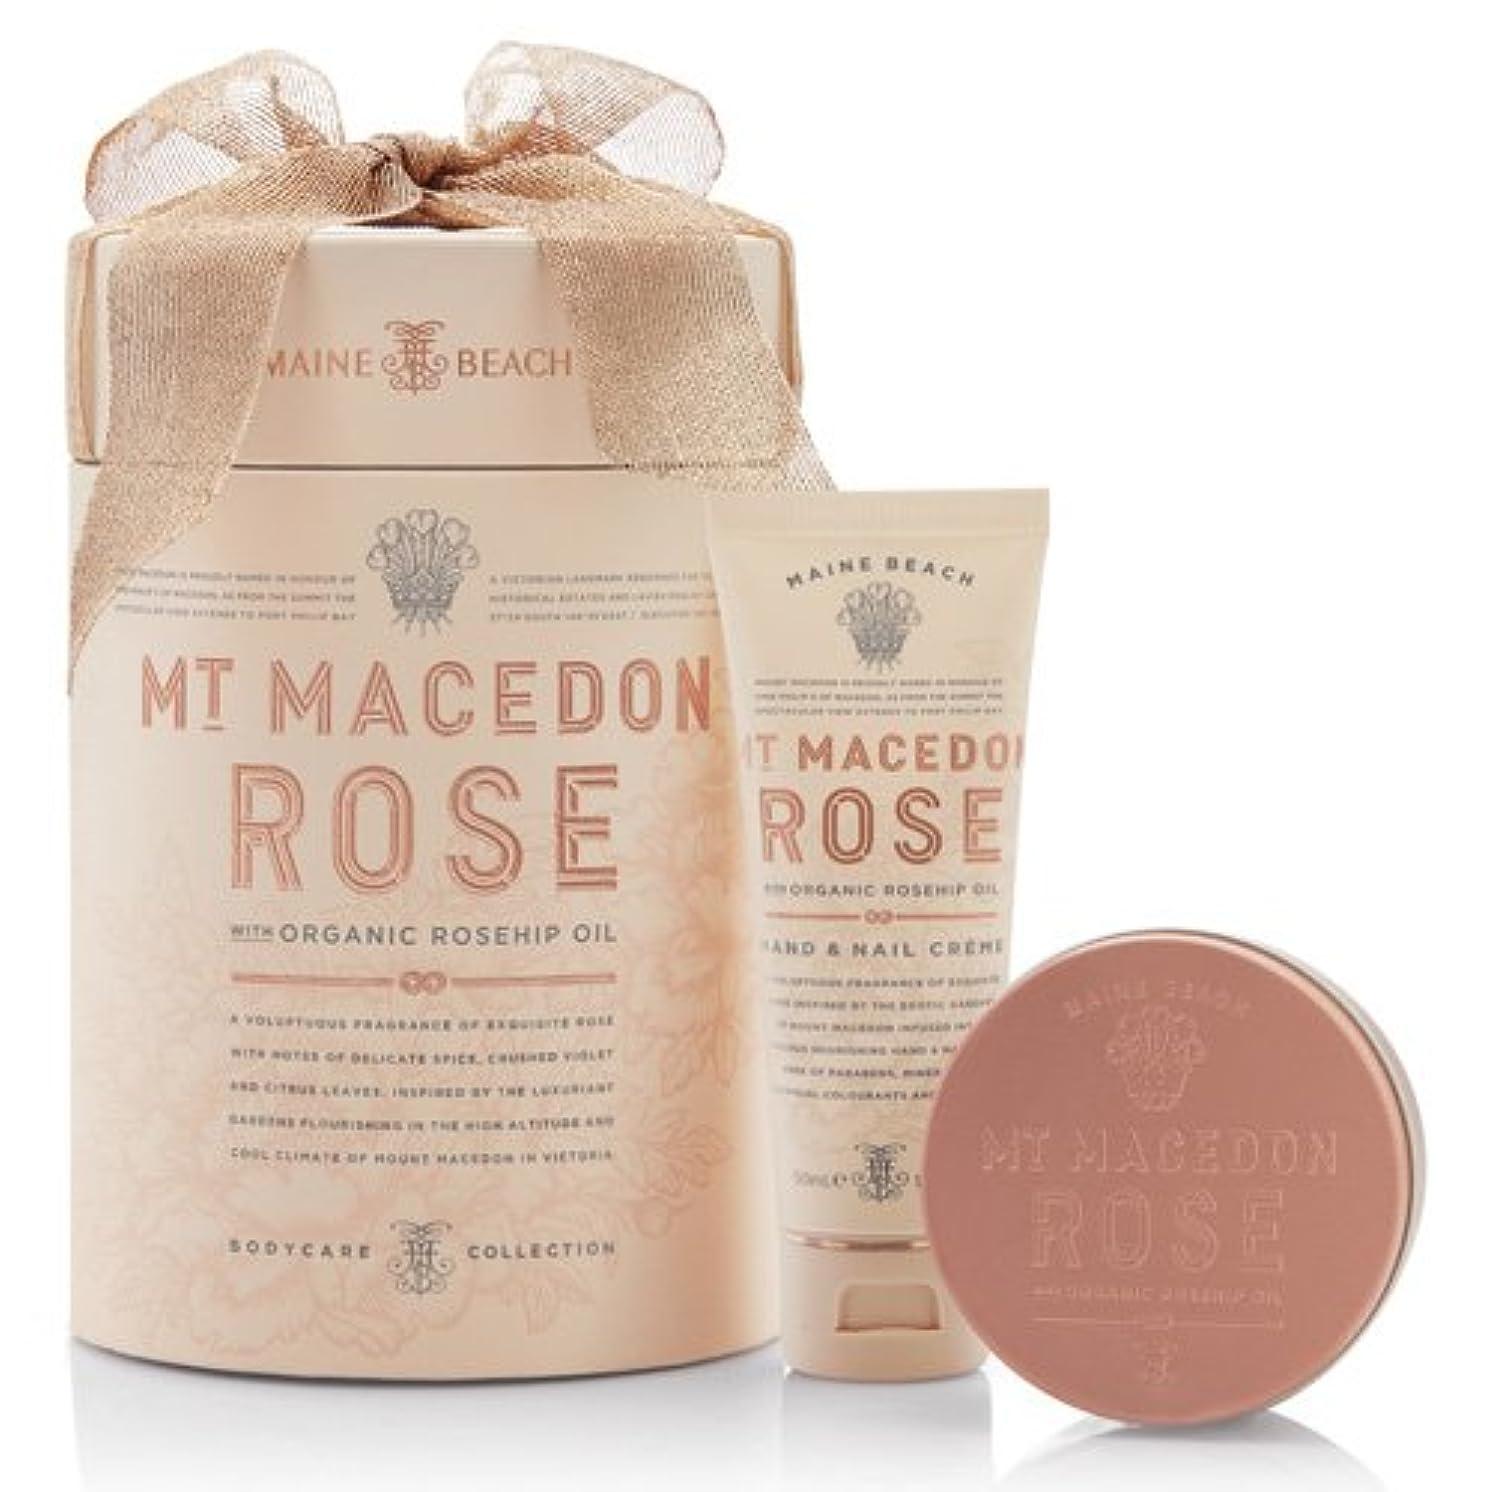 入場優れた神話MAINE BEACH マインビーチ MT MACEDON ROSE マウント マセドン ローズ Duo Gift Pack